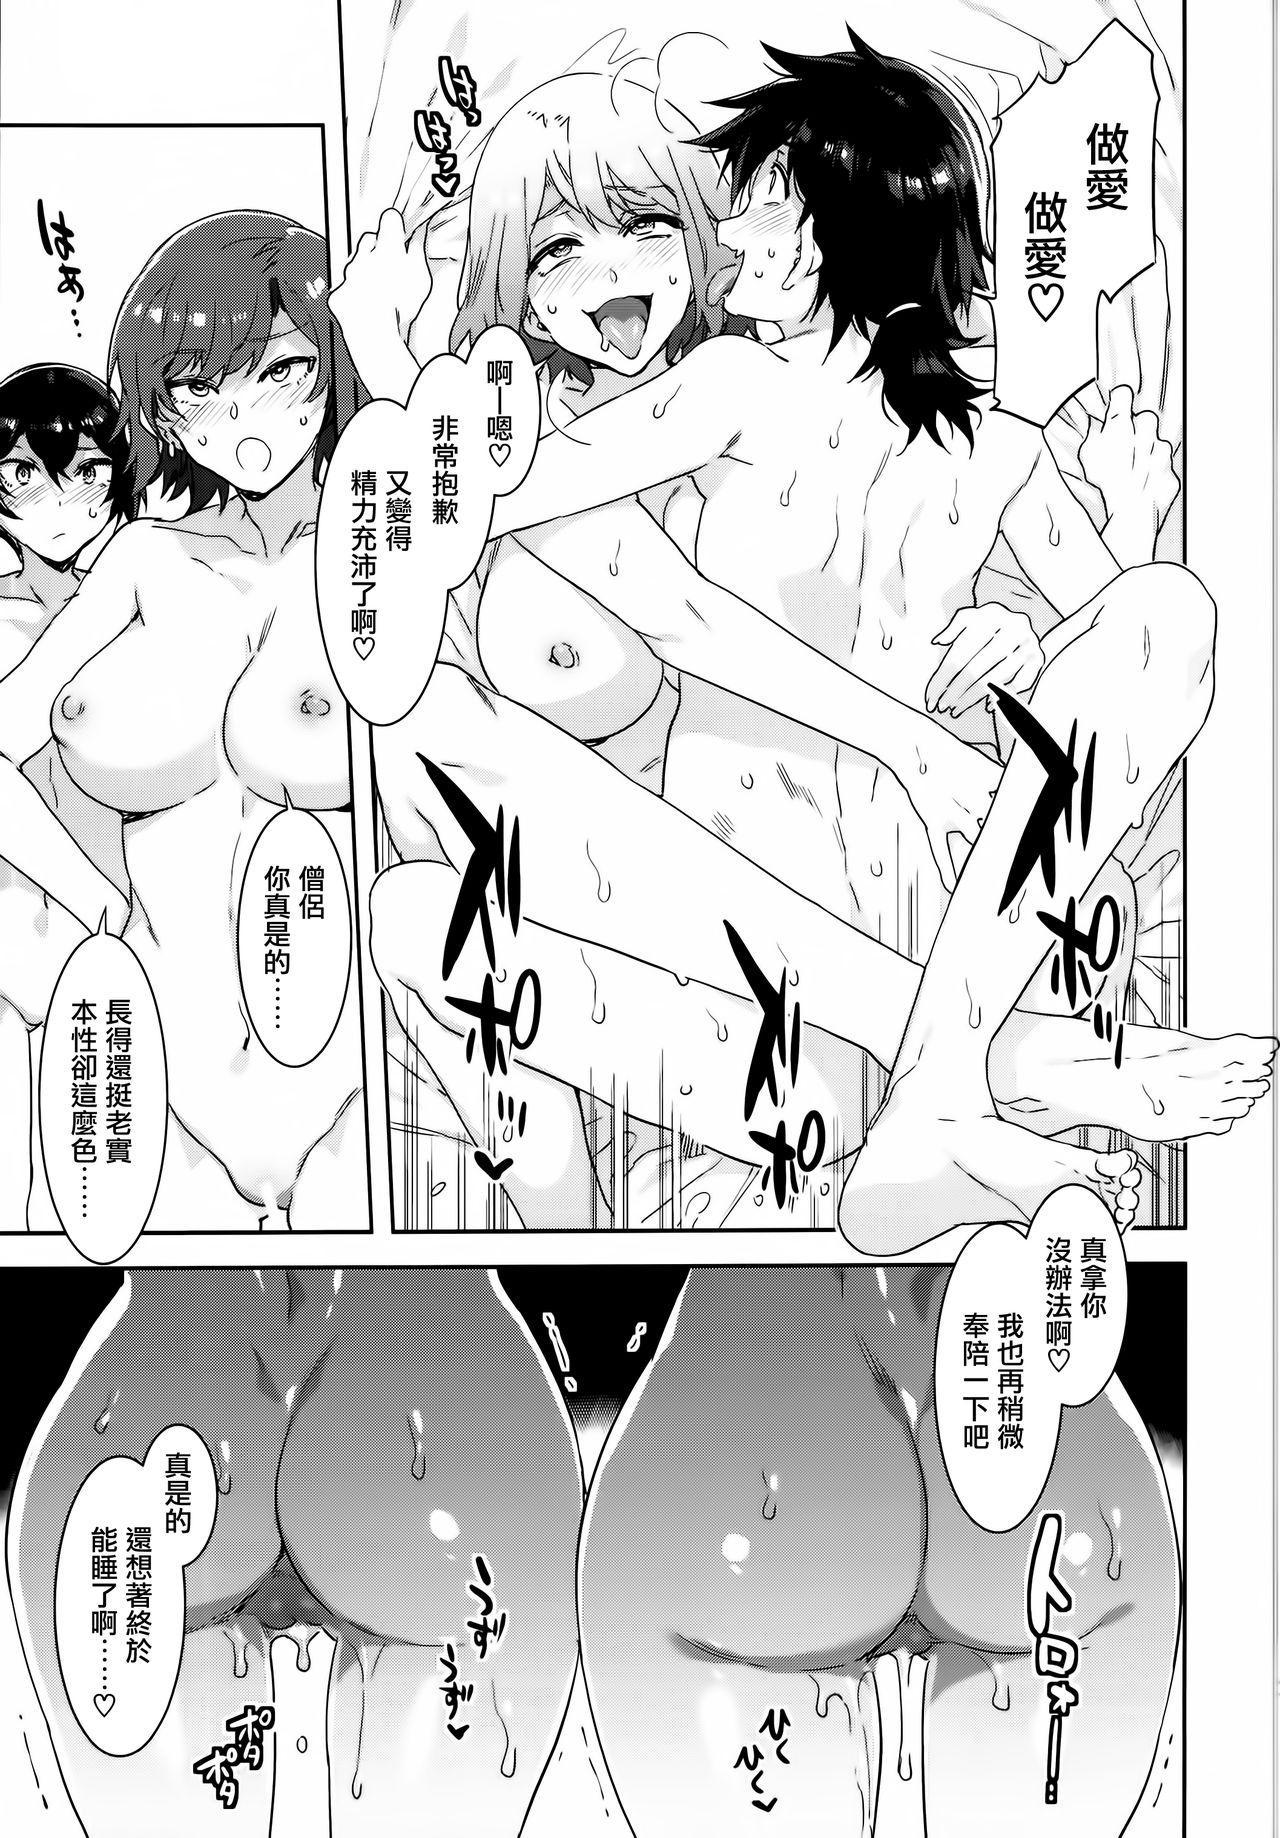 Seiyoku ni Shoujiki Sugiru Shota Yuusha 27